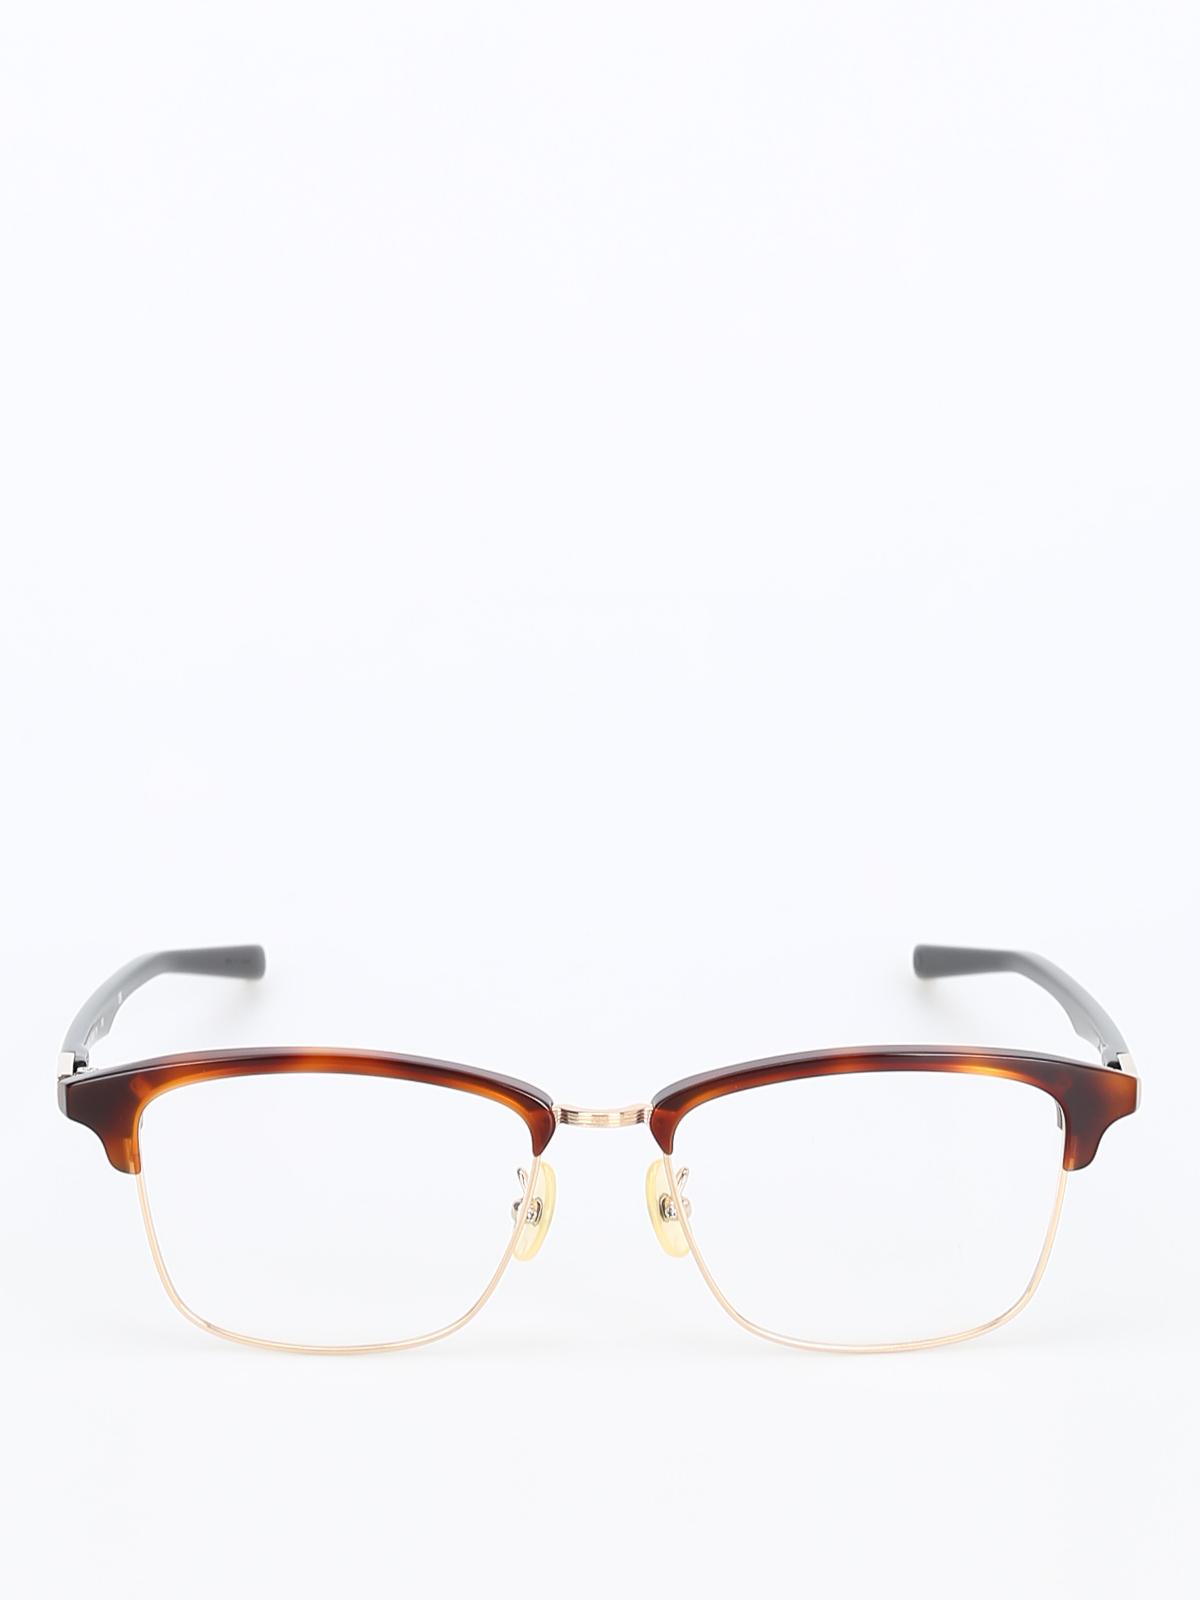 0fcd3d7a00 999.9 four nines - Half frame tortoise eyeglasses - glasses - M-462801